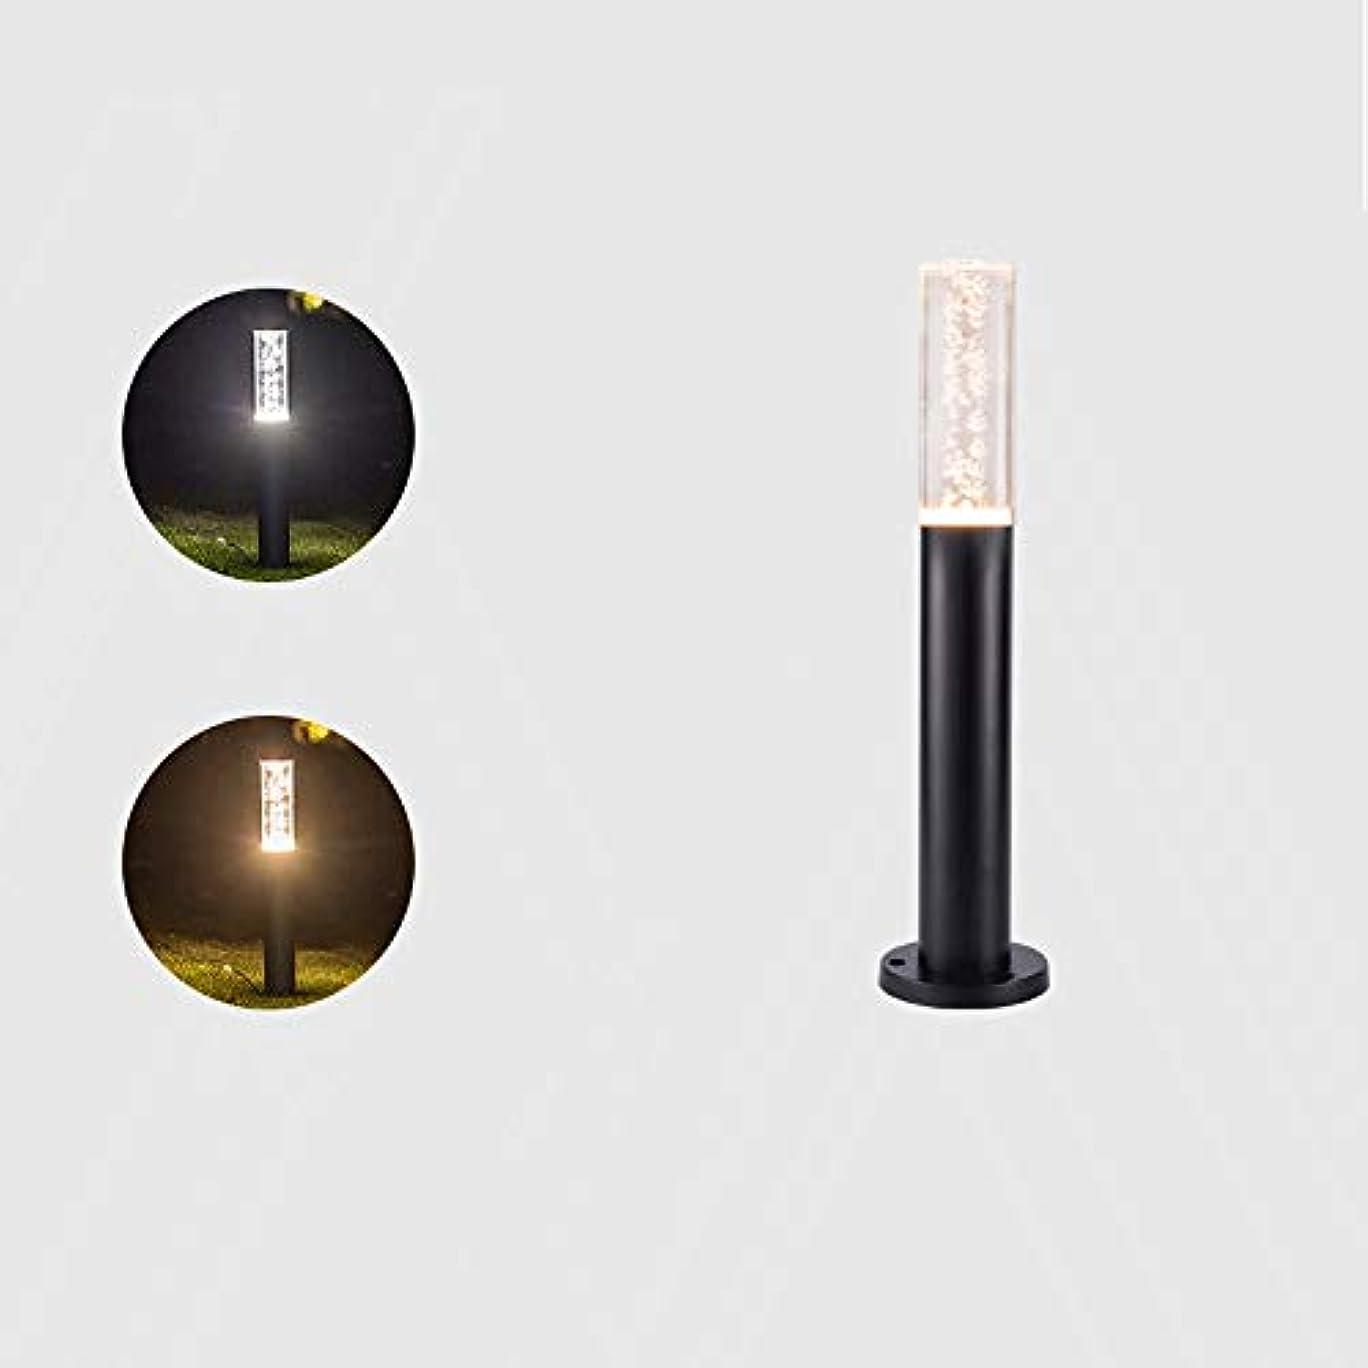 発見アラブサラボ視線Pinjeer 現代のクリエイティブラウンドled 2色調光アクリルカラムランプアメリカの屋外ip44防水金属アルミポストライト芝生庭中庭ヴィラ装飾柱ライト (Color : Black, サイズ : Height 50cm)